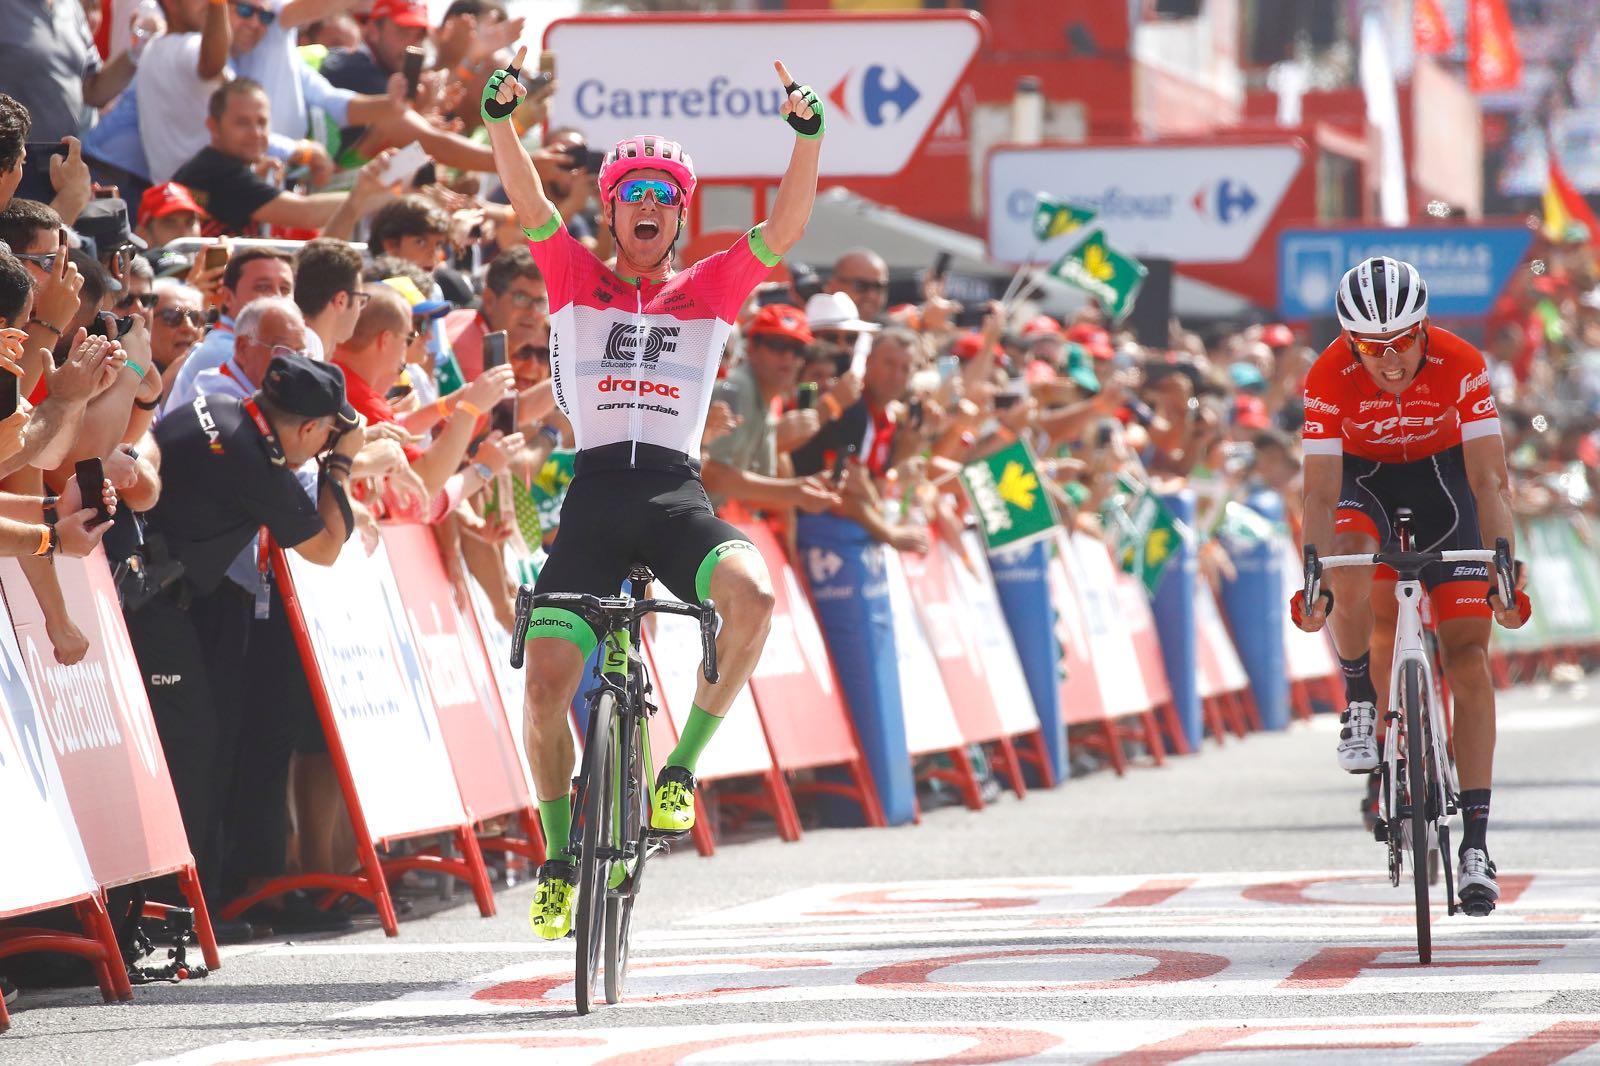 Simon Clarke vince la quinta tappa della Vuelta a Espana